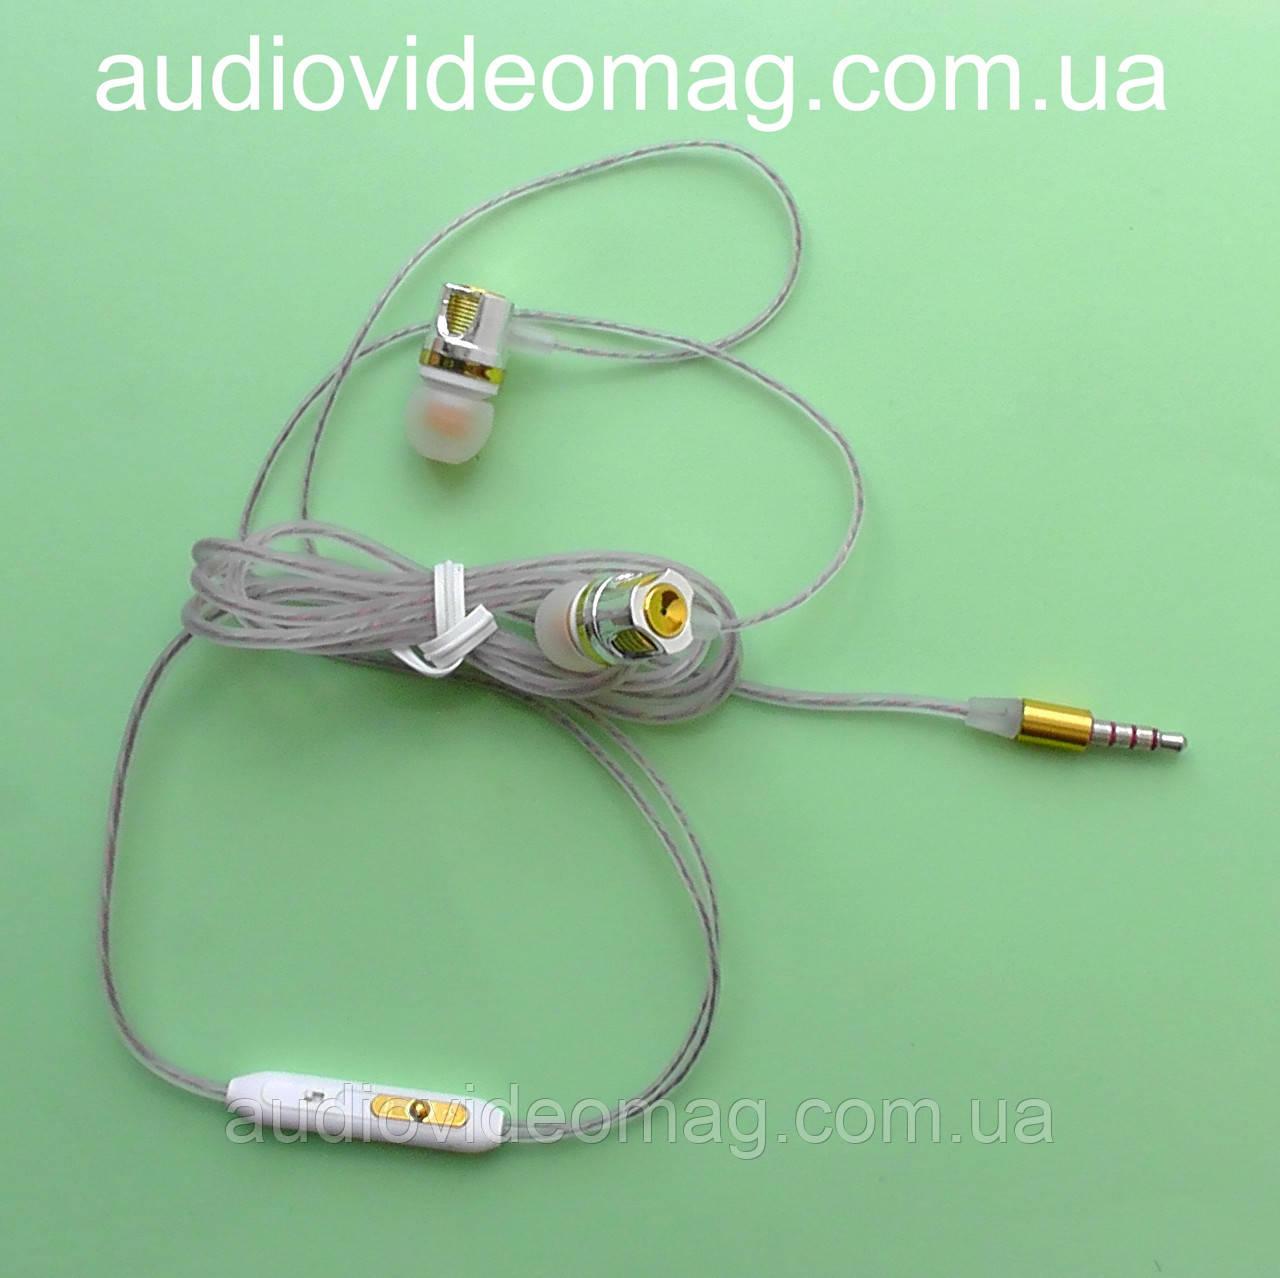 Гарнитура XL-K L338 (наушники с микрофоном), силиконовая оплетка, для всех типов телефонов